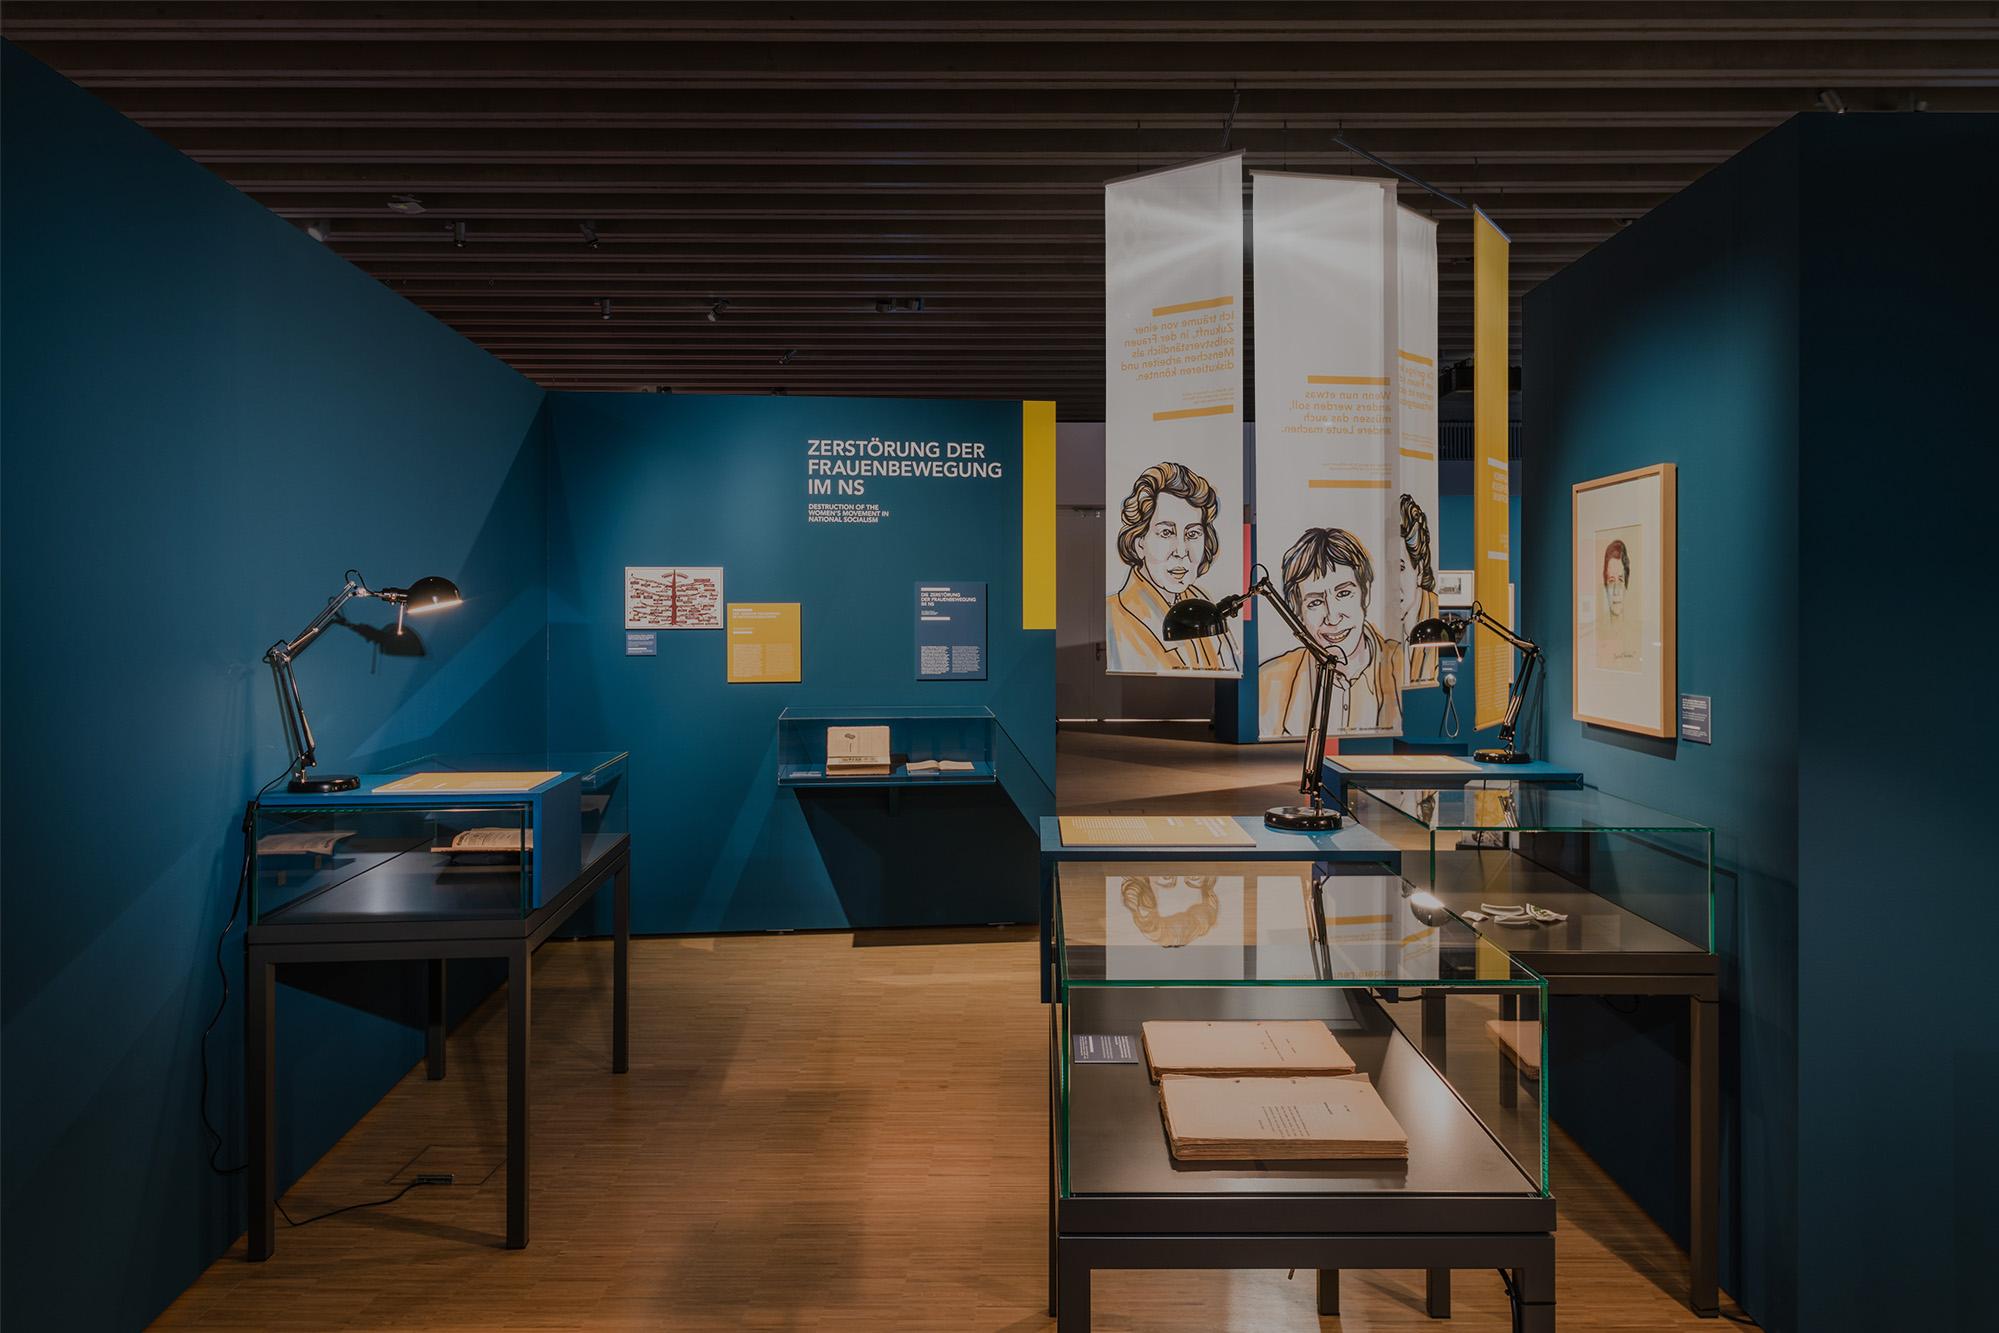 Auf der neuen rund 900 Quadratmeter großen Ausstellungsfläche präsentiert der Besucher*innenweg eine lebendige Grafikgestaltung, die den Vorkämpferinnen eine aktuelle Präsenz verleiht.